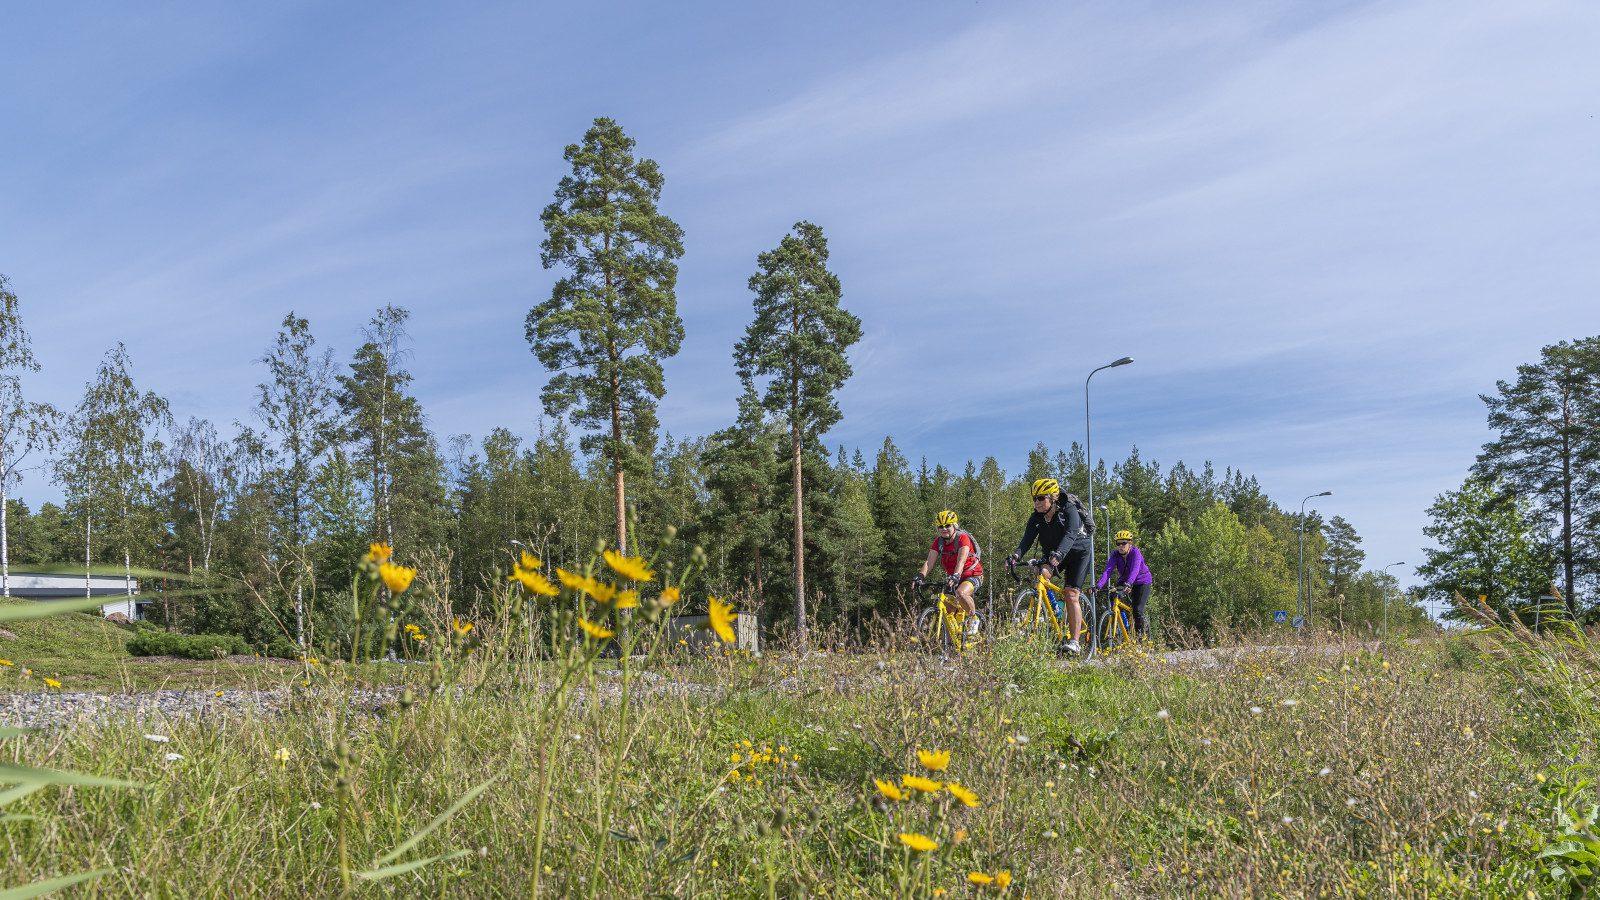 Kolme pyöräilijää pyöräilee kesällä pyörätiellä, metsää taustalla ja voikukkia edustalla.